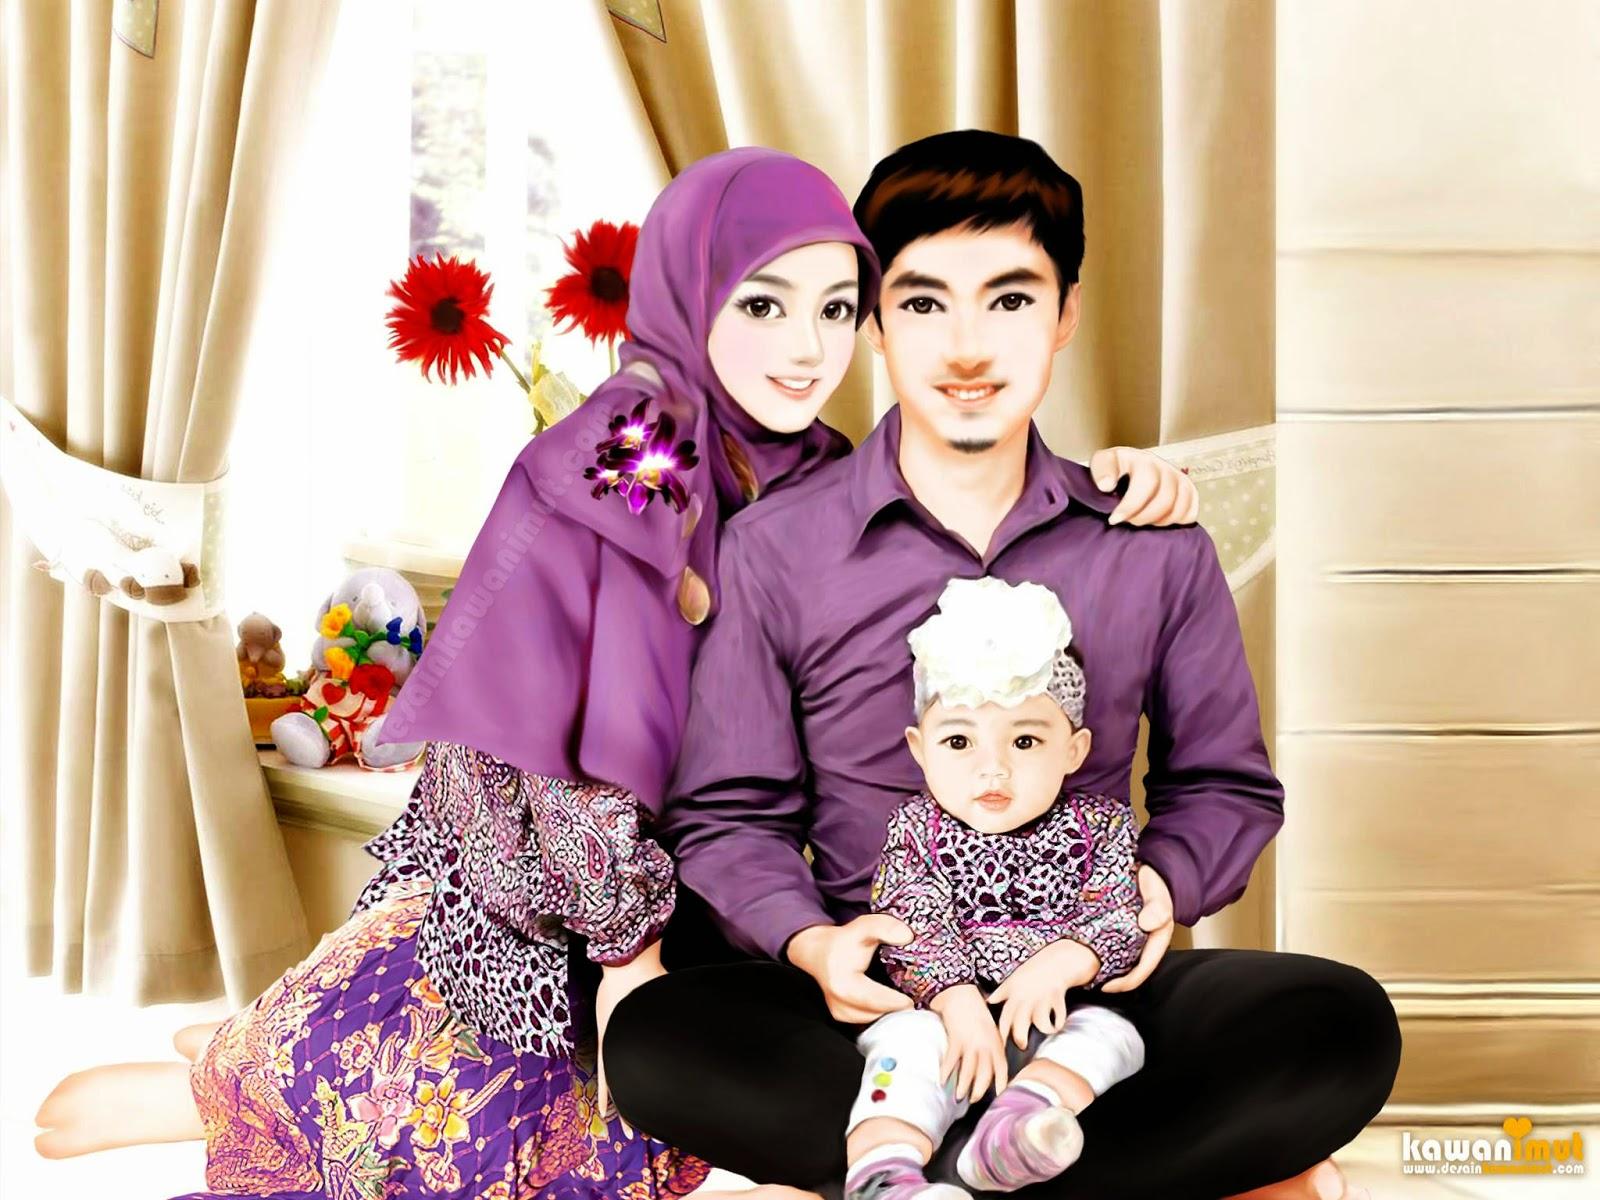 Kartun Muslim Sepasang Kekasih